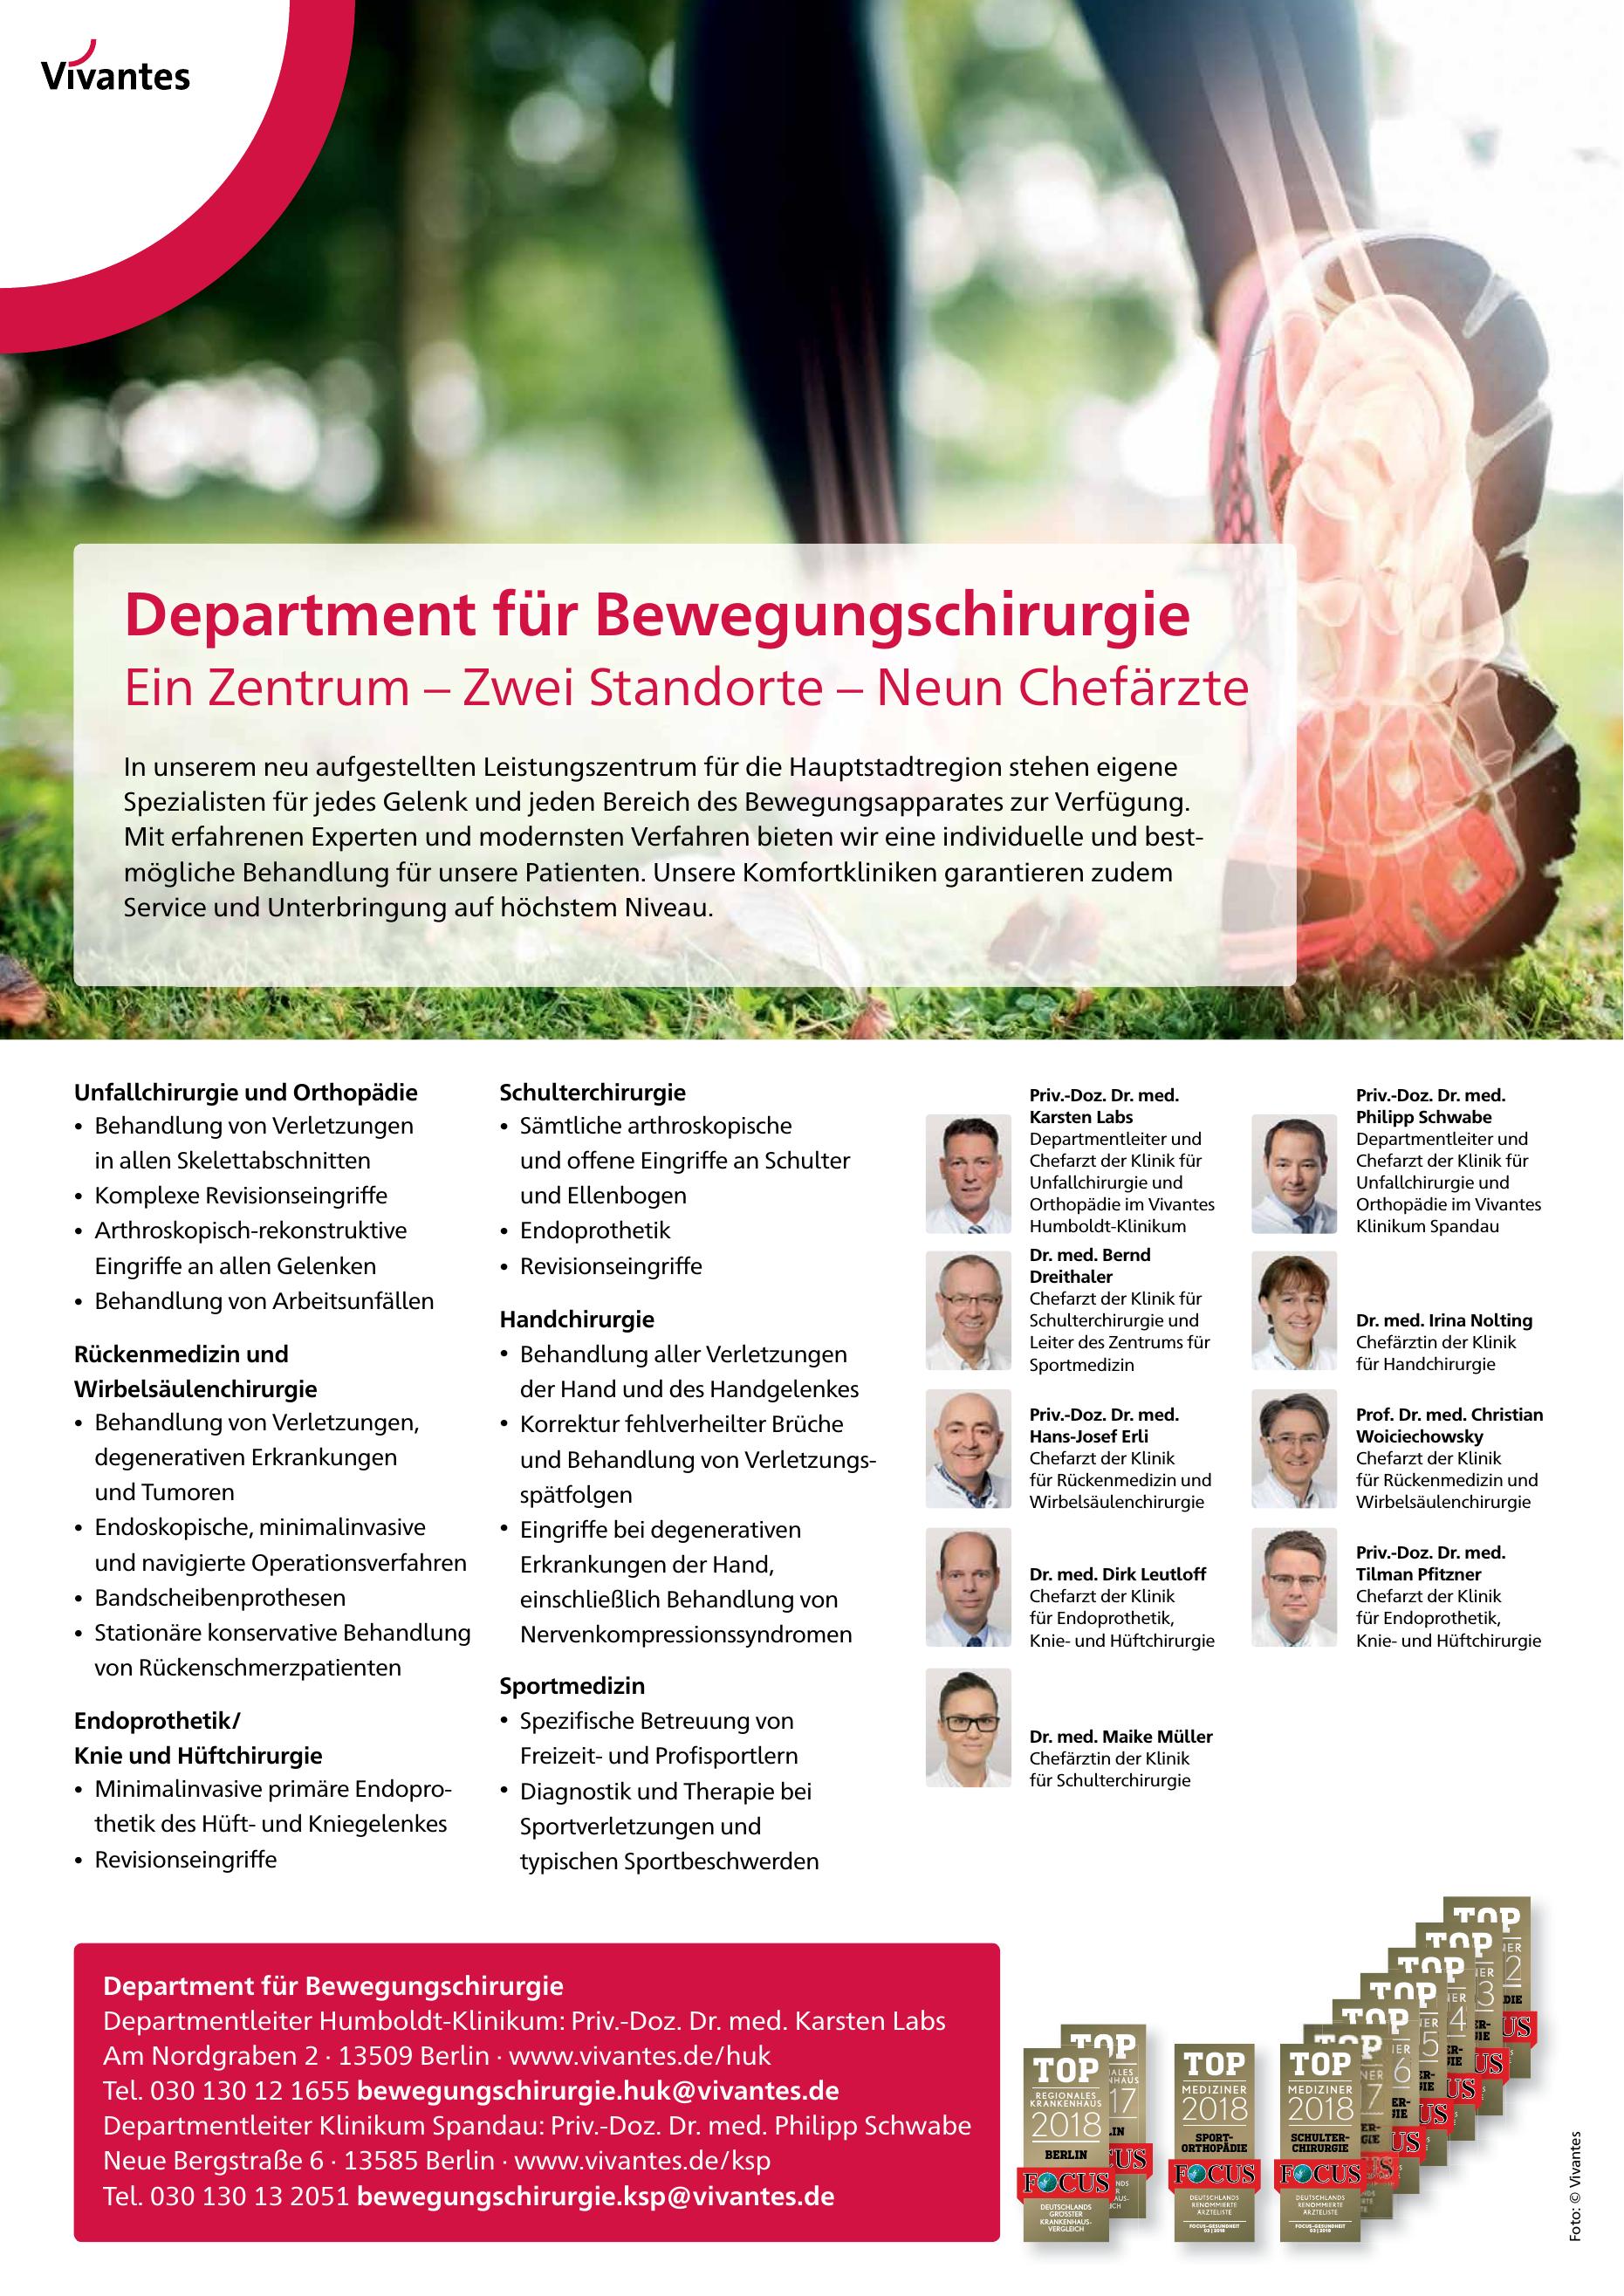 Vivantes – Netzwerk für Gesundheit GmbH